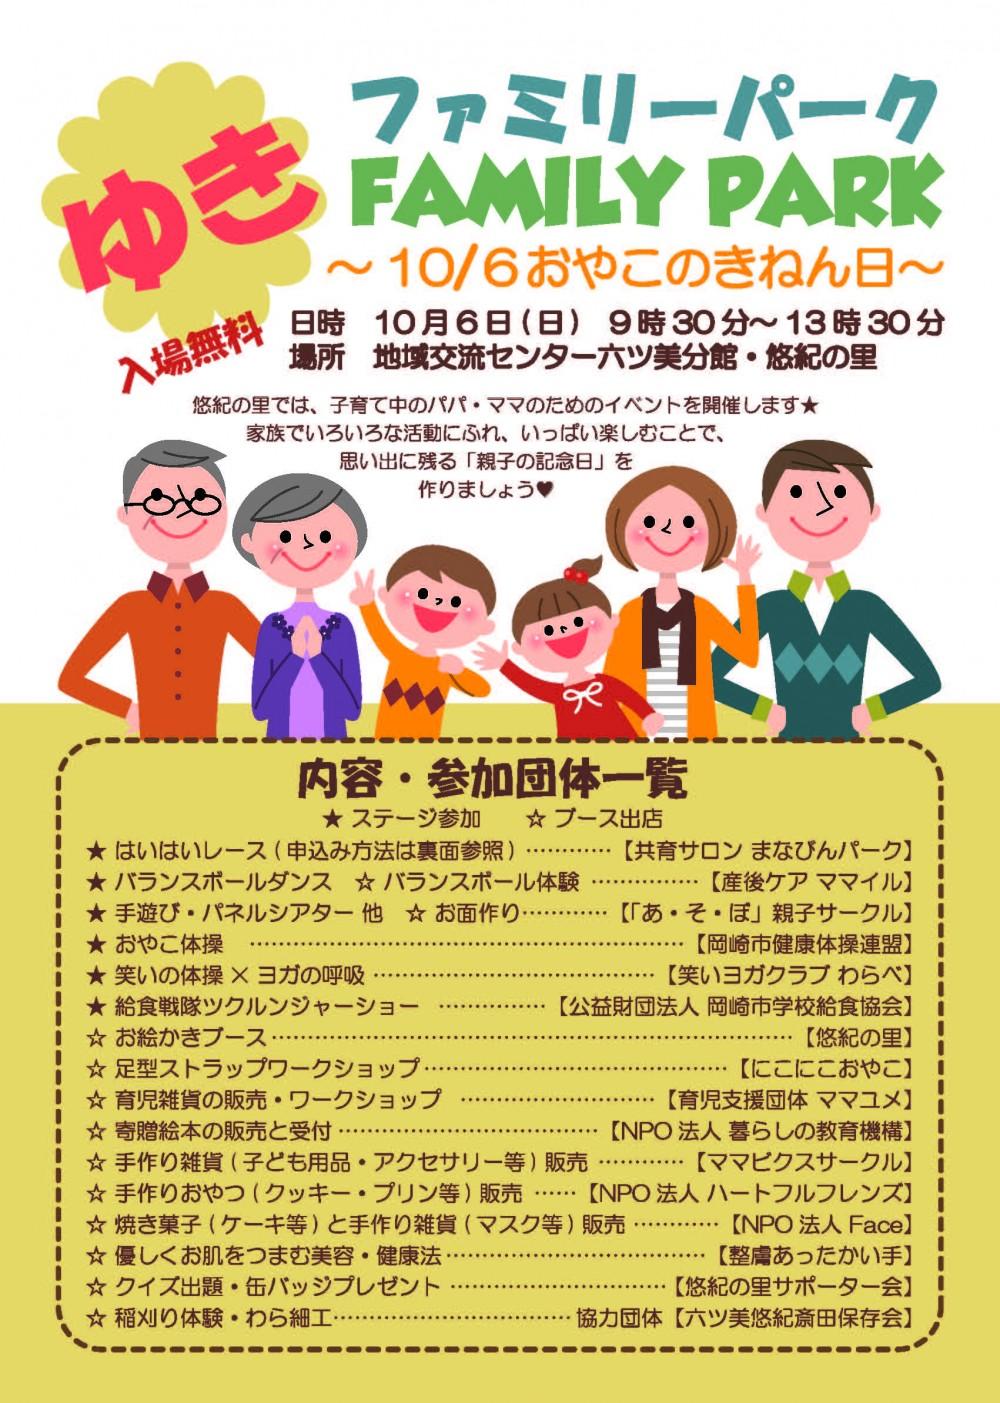 ゆきファミリーパーク ~10/6おやこのきねん日~